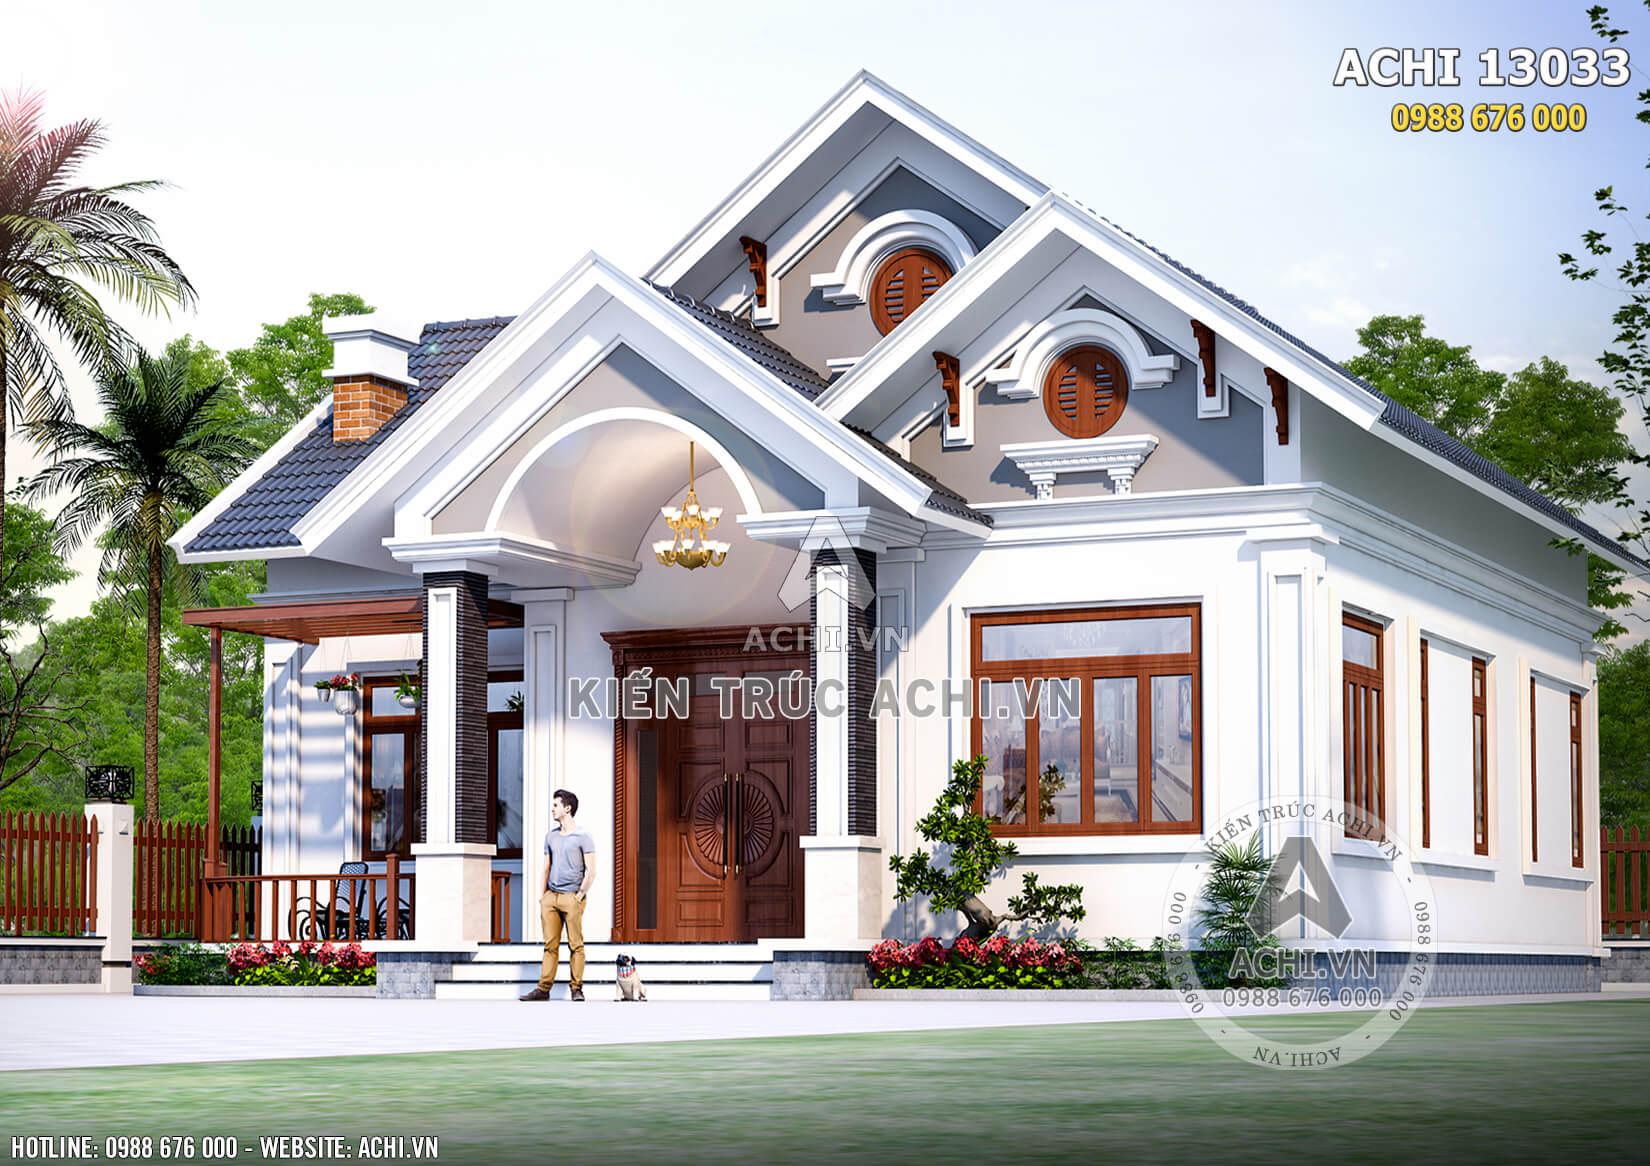 Không gian mặt tiền lôi cuốn của mẫu nhà vườn cấp 4 mái Thái đẹp tại Phú Thọ - Mã số: AChi 13033